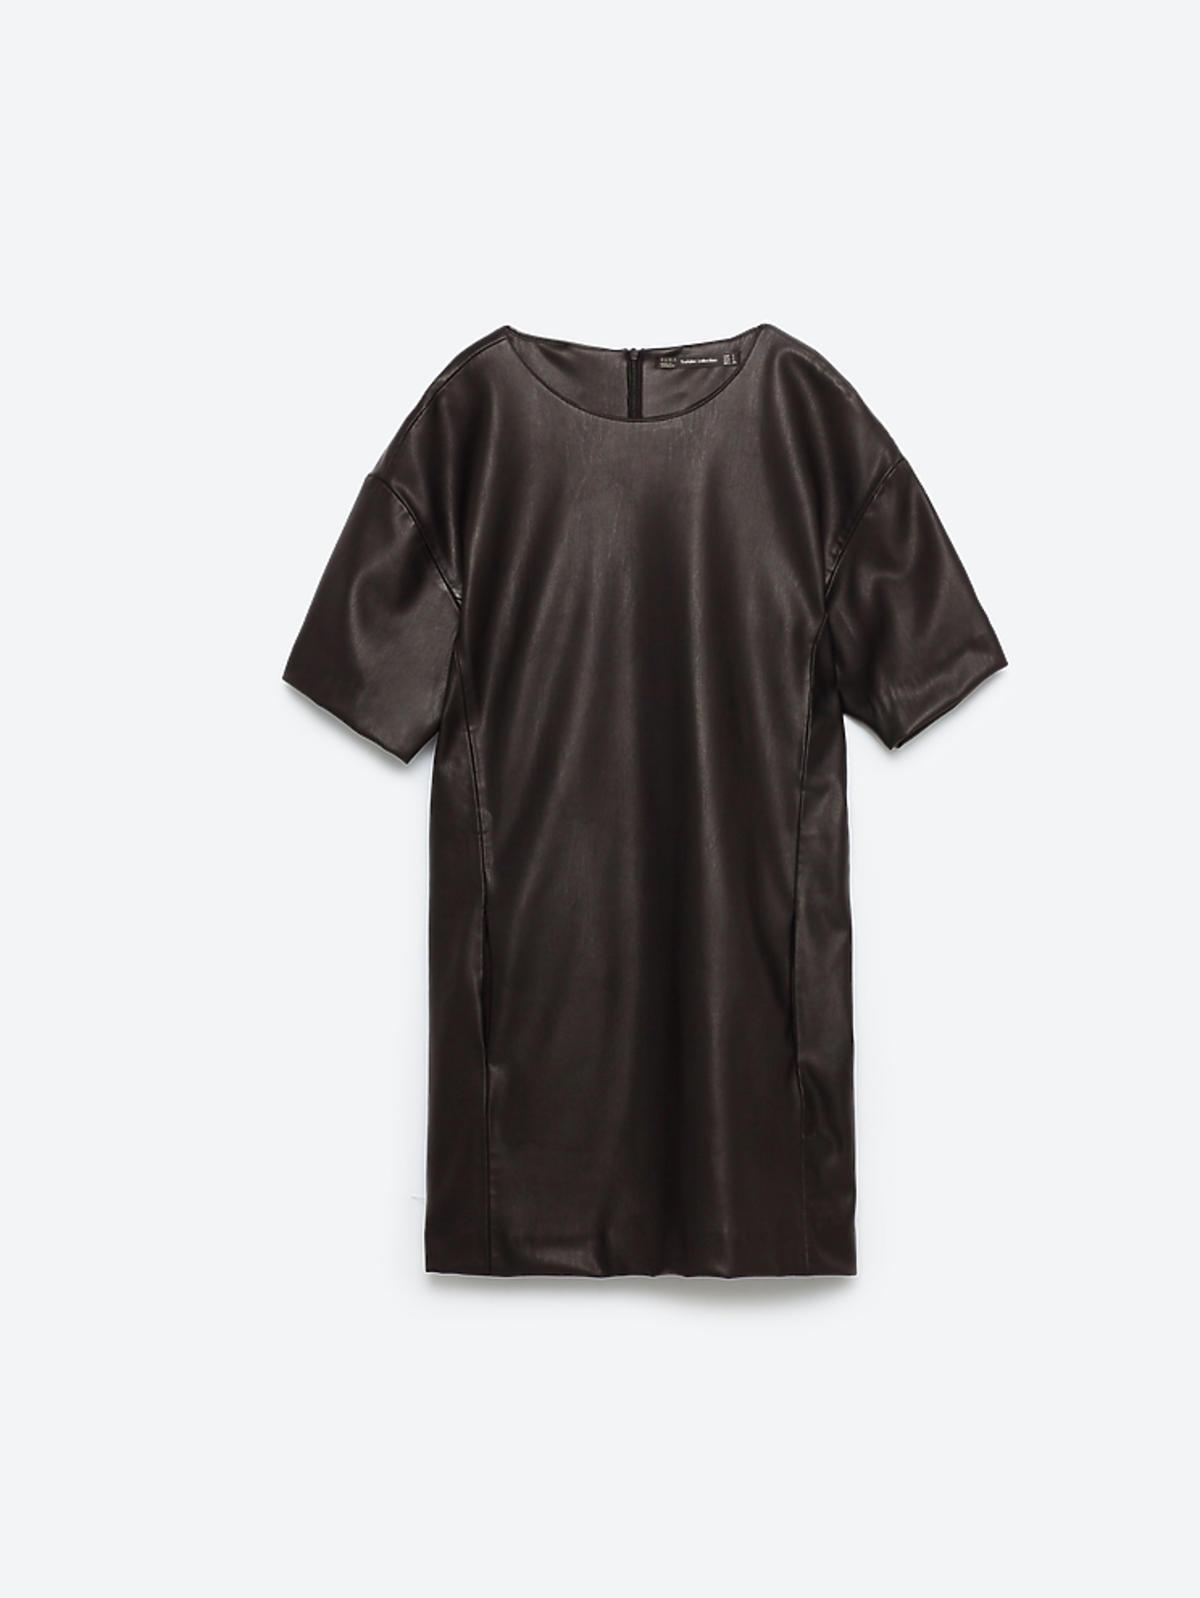 Prosta sukienka ze sztucznej skóry, Zara, 69,90 zł